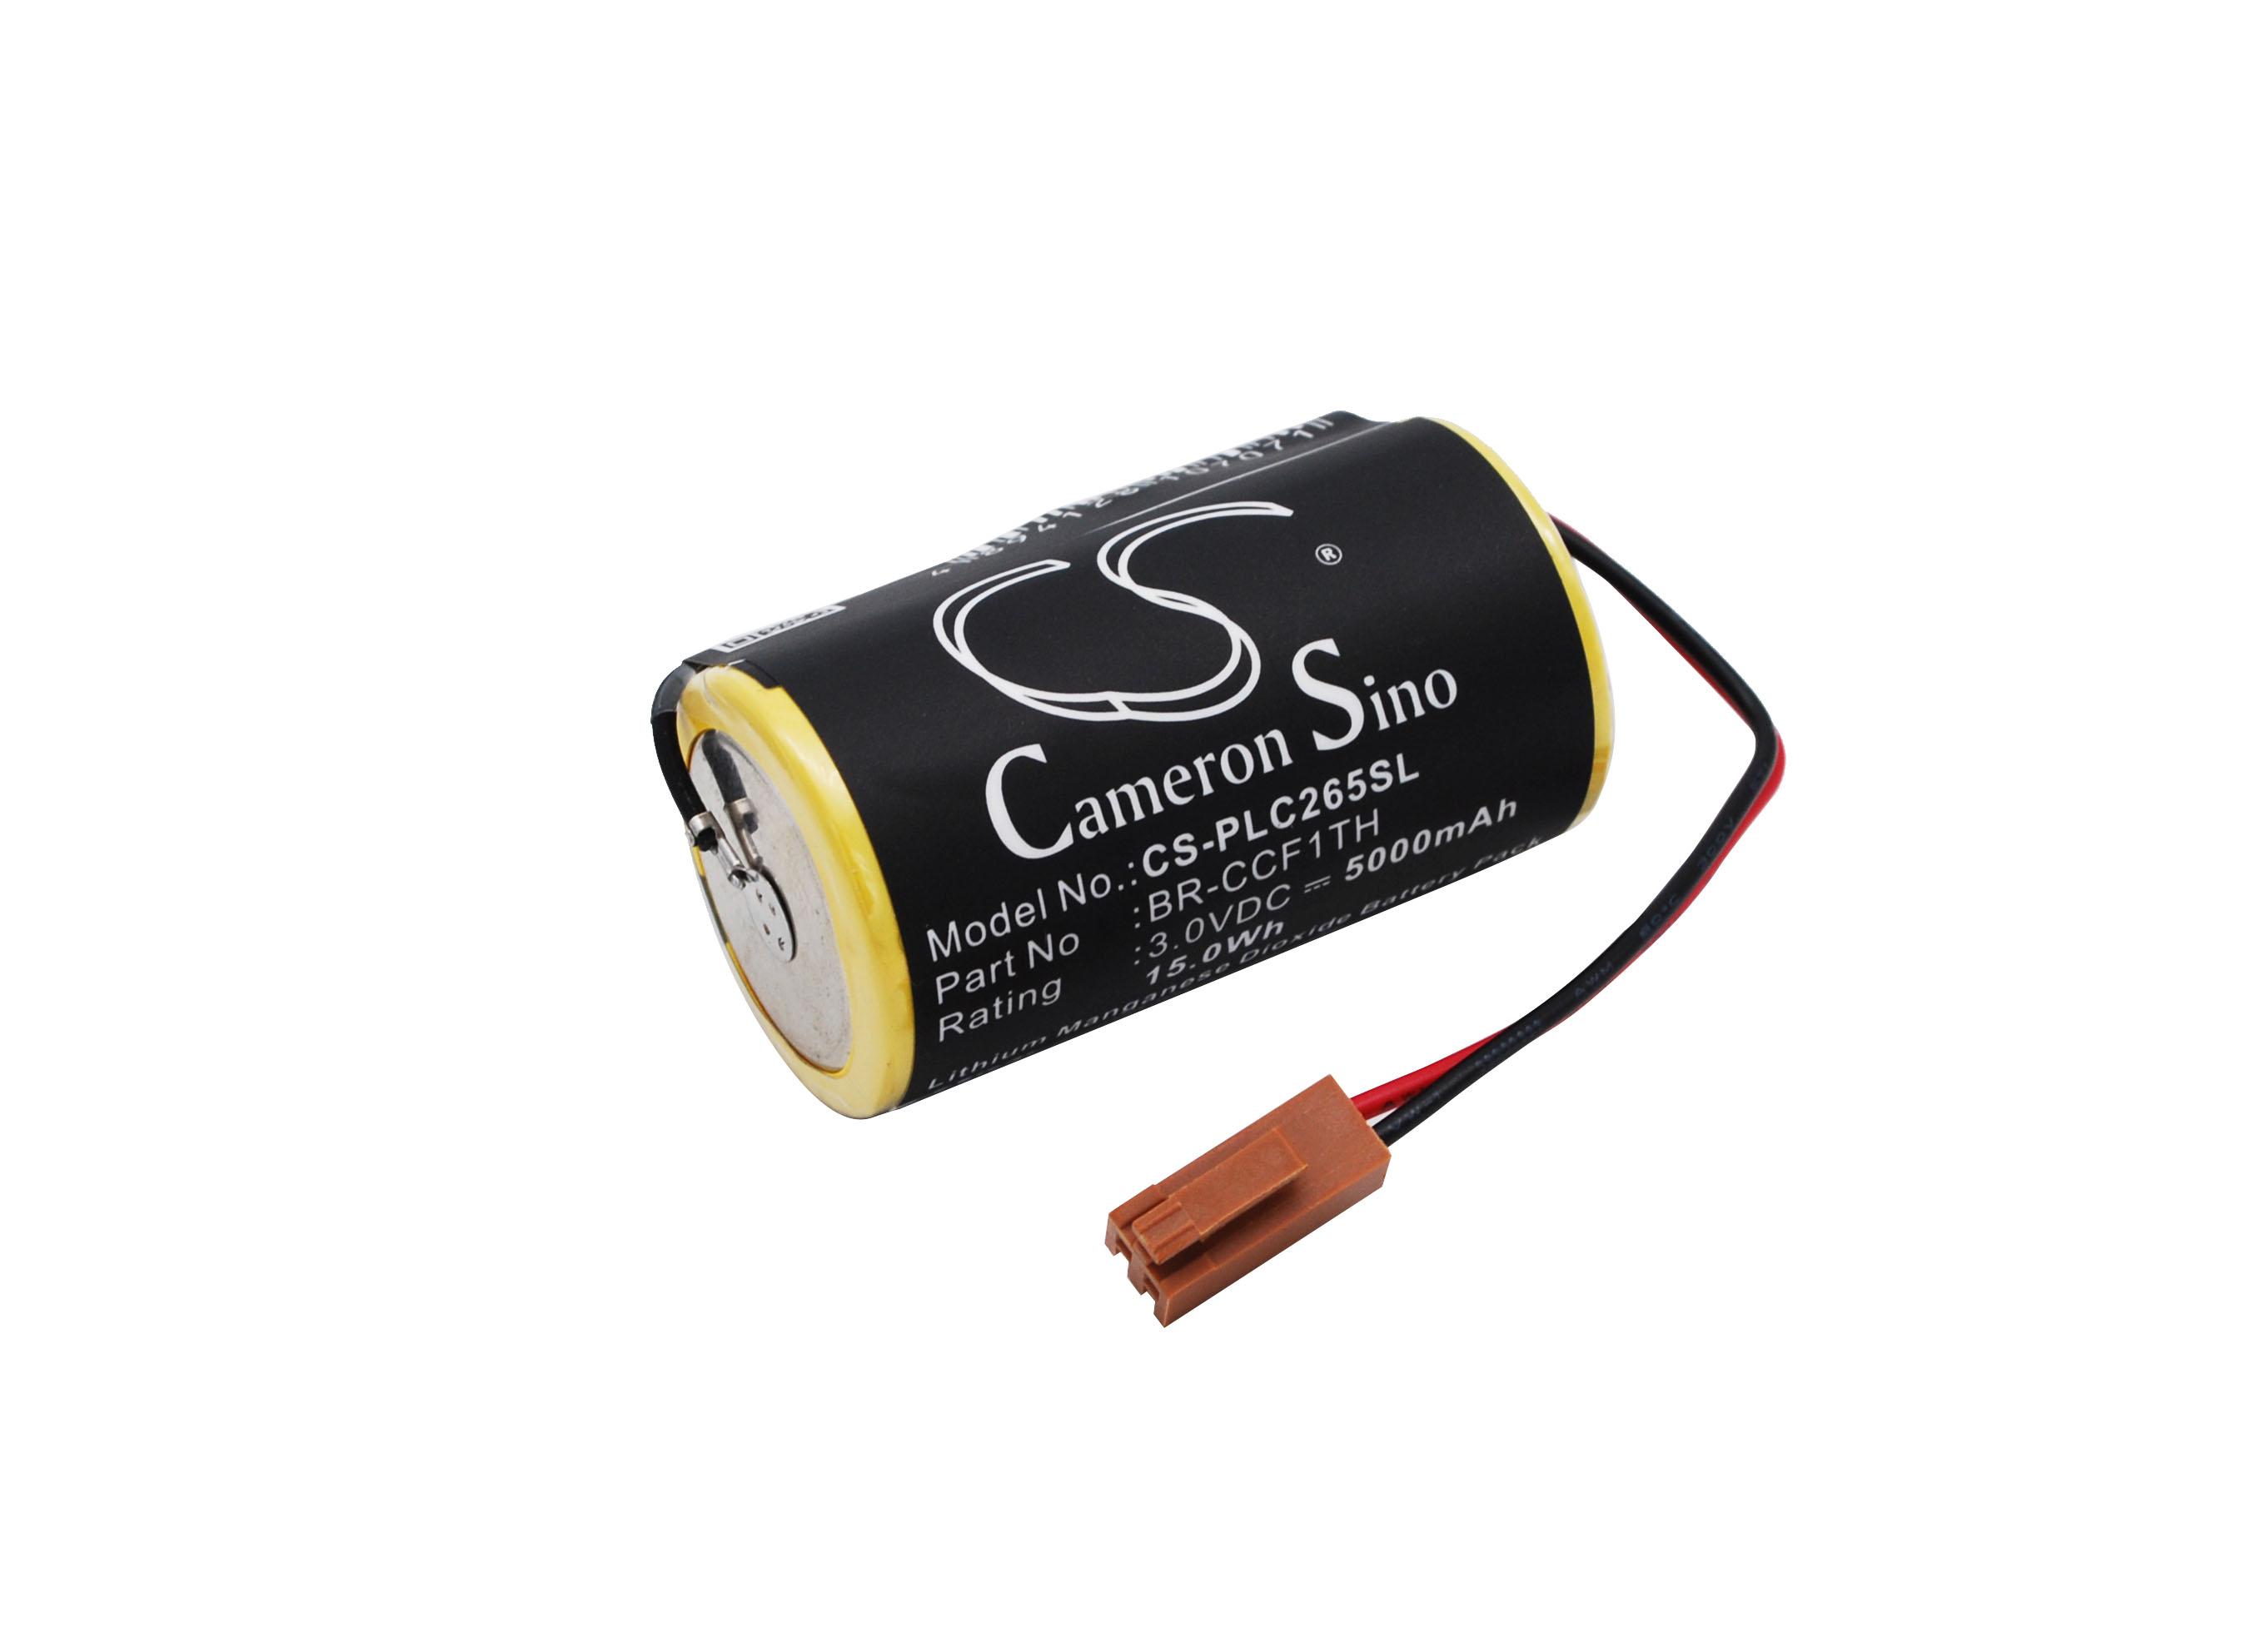 Cameron Sino baterie plc za A20B0130K106 3V Li-MnO2 5000mAh žlutá - neoriginální